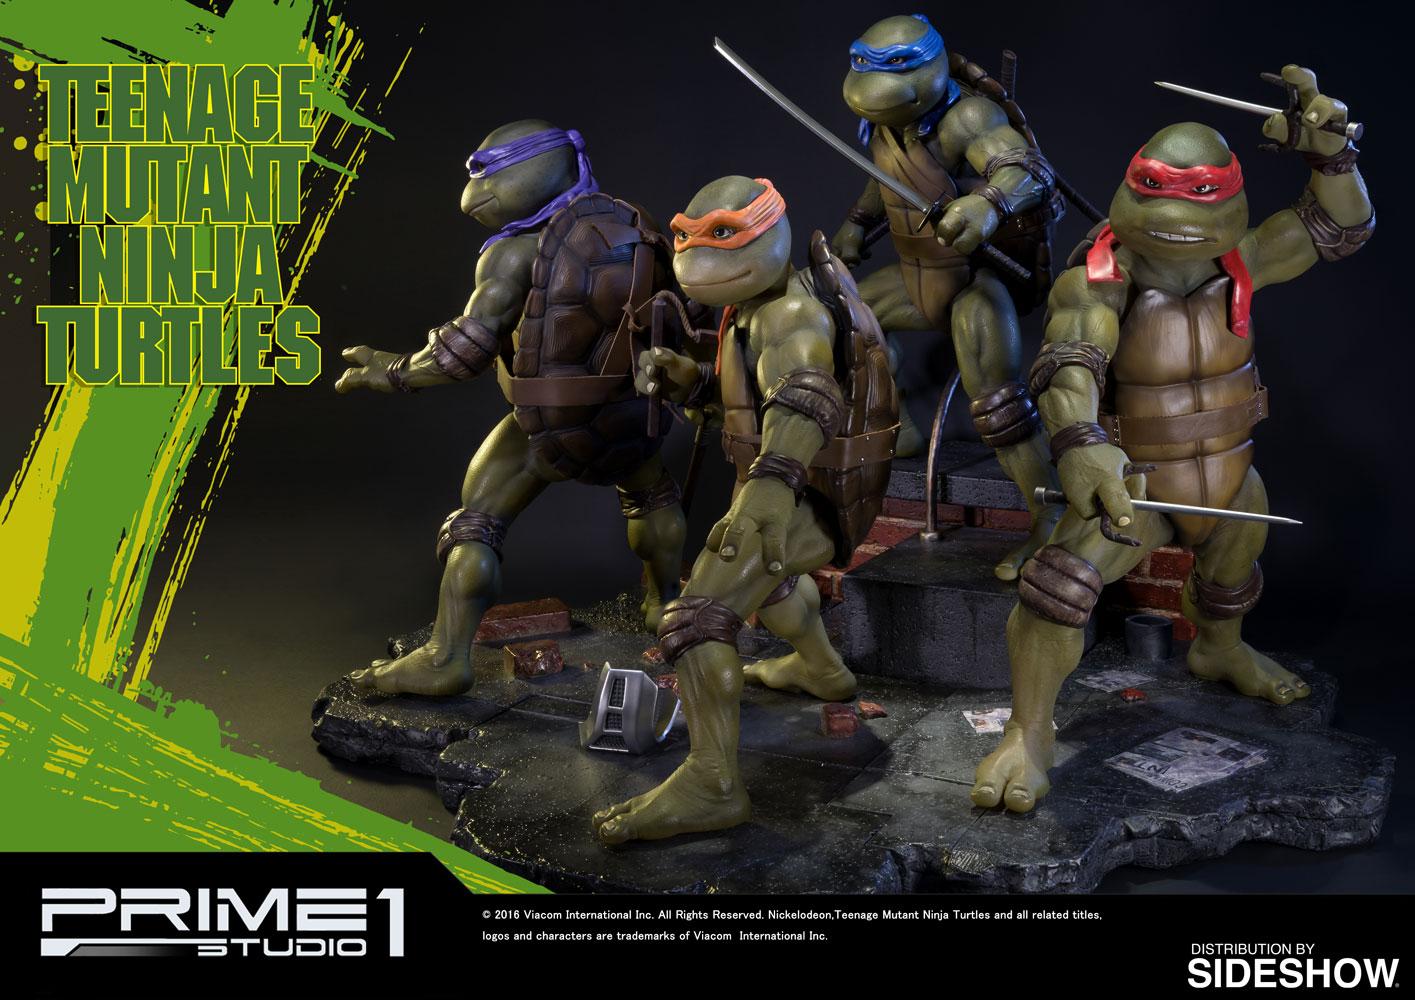 TMNT Teenage Mutant Ninja Turtles Polystone Statue by Prime | Sideshow ...